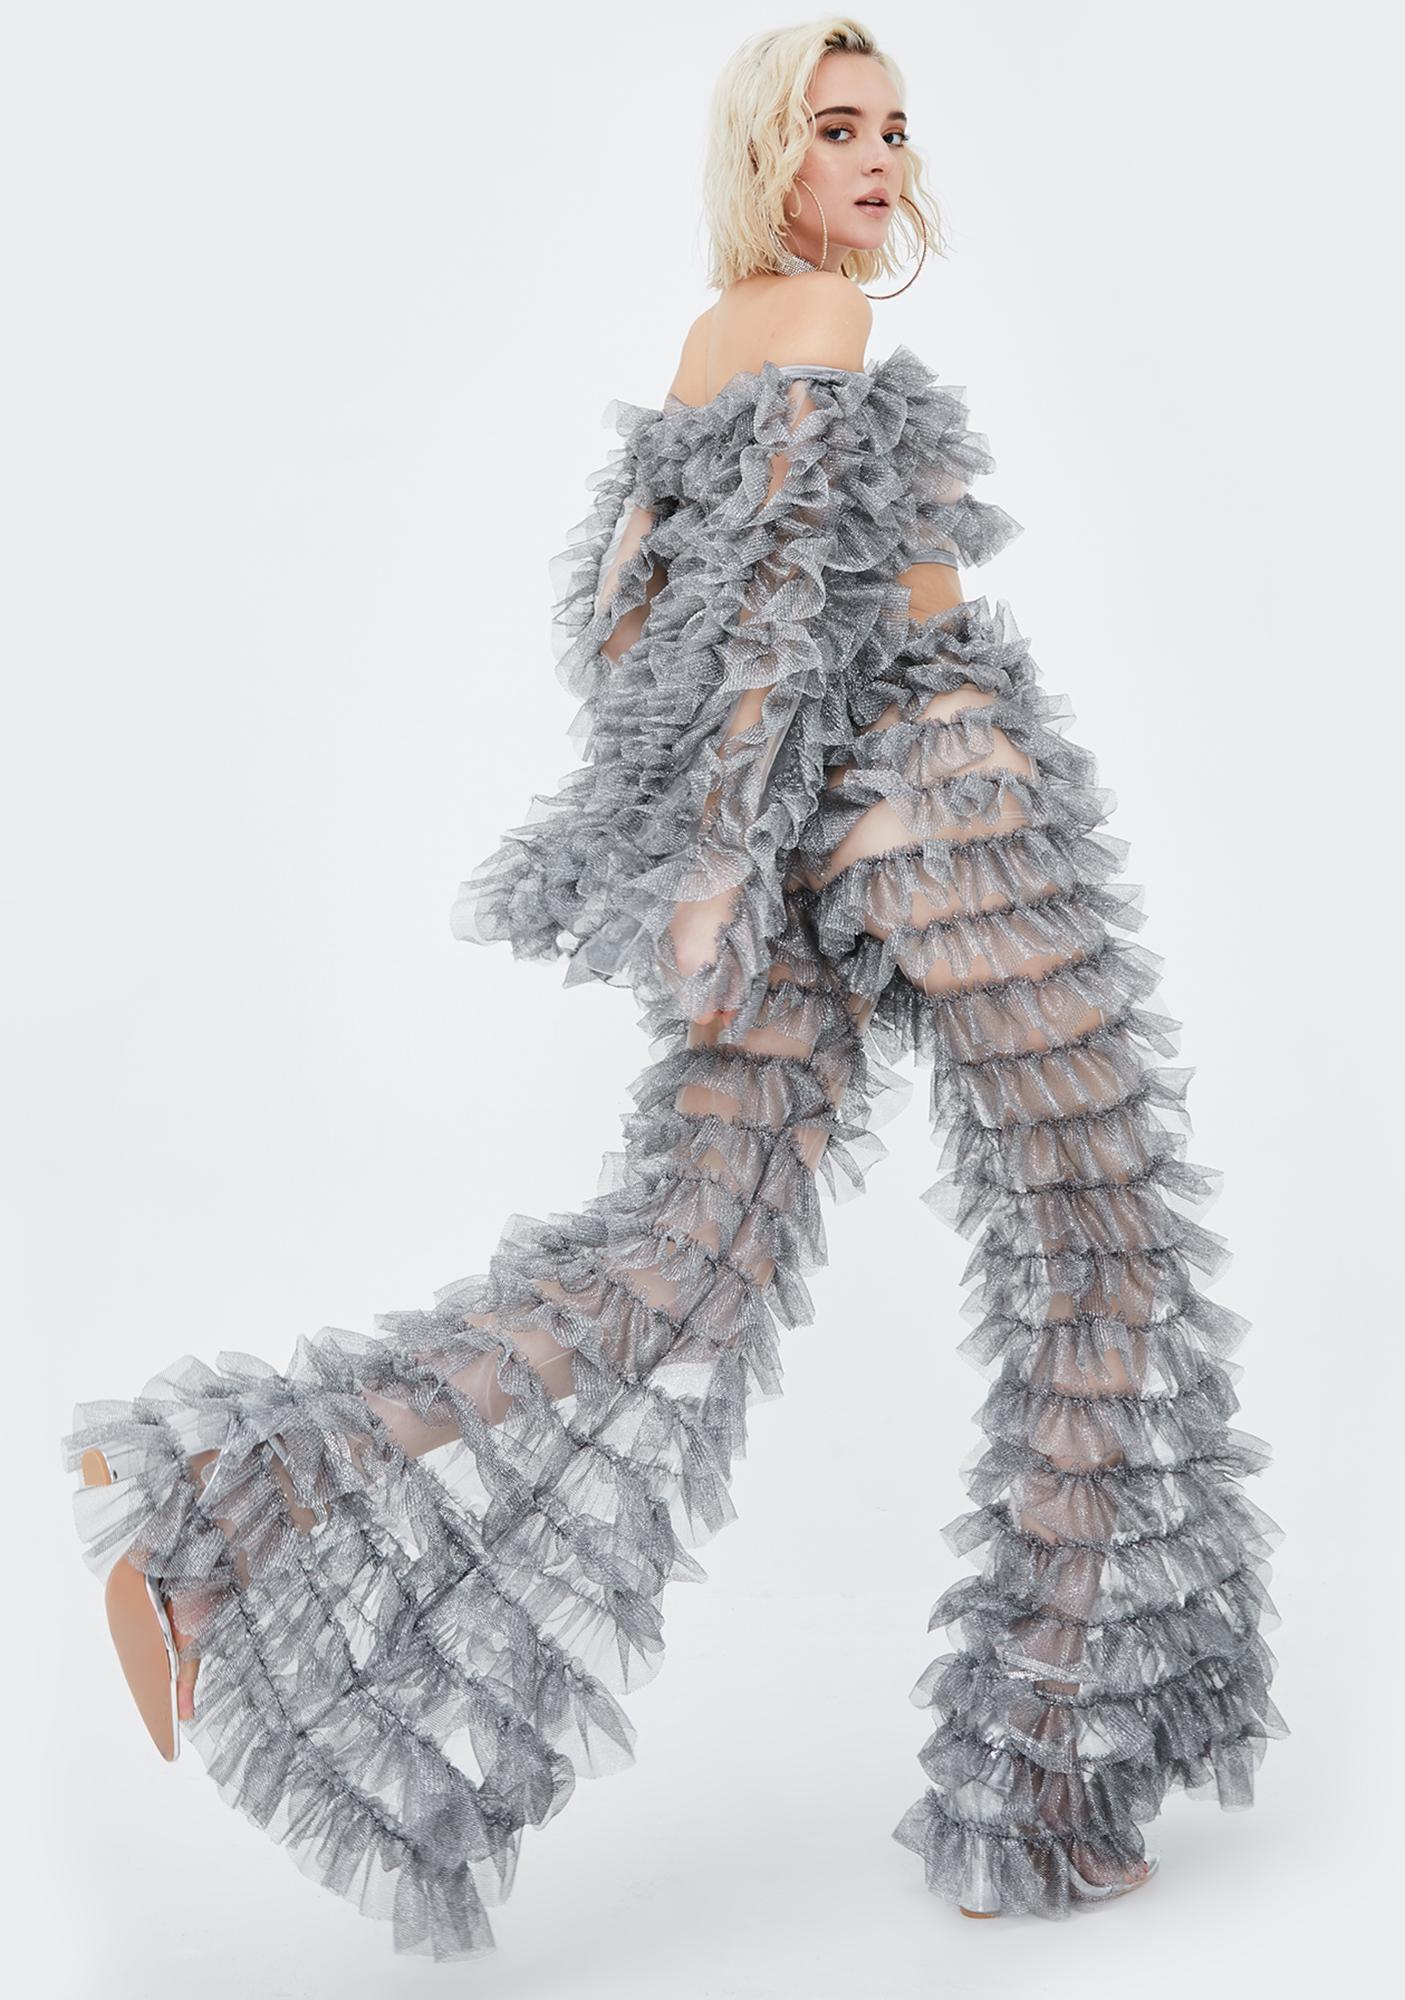 Kiki Riki Heart On Ice Tulle Pants